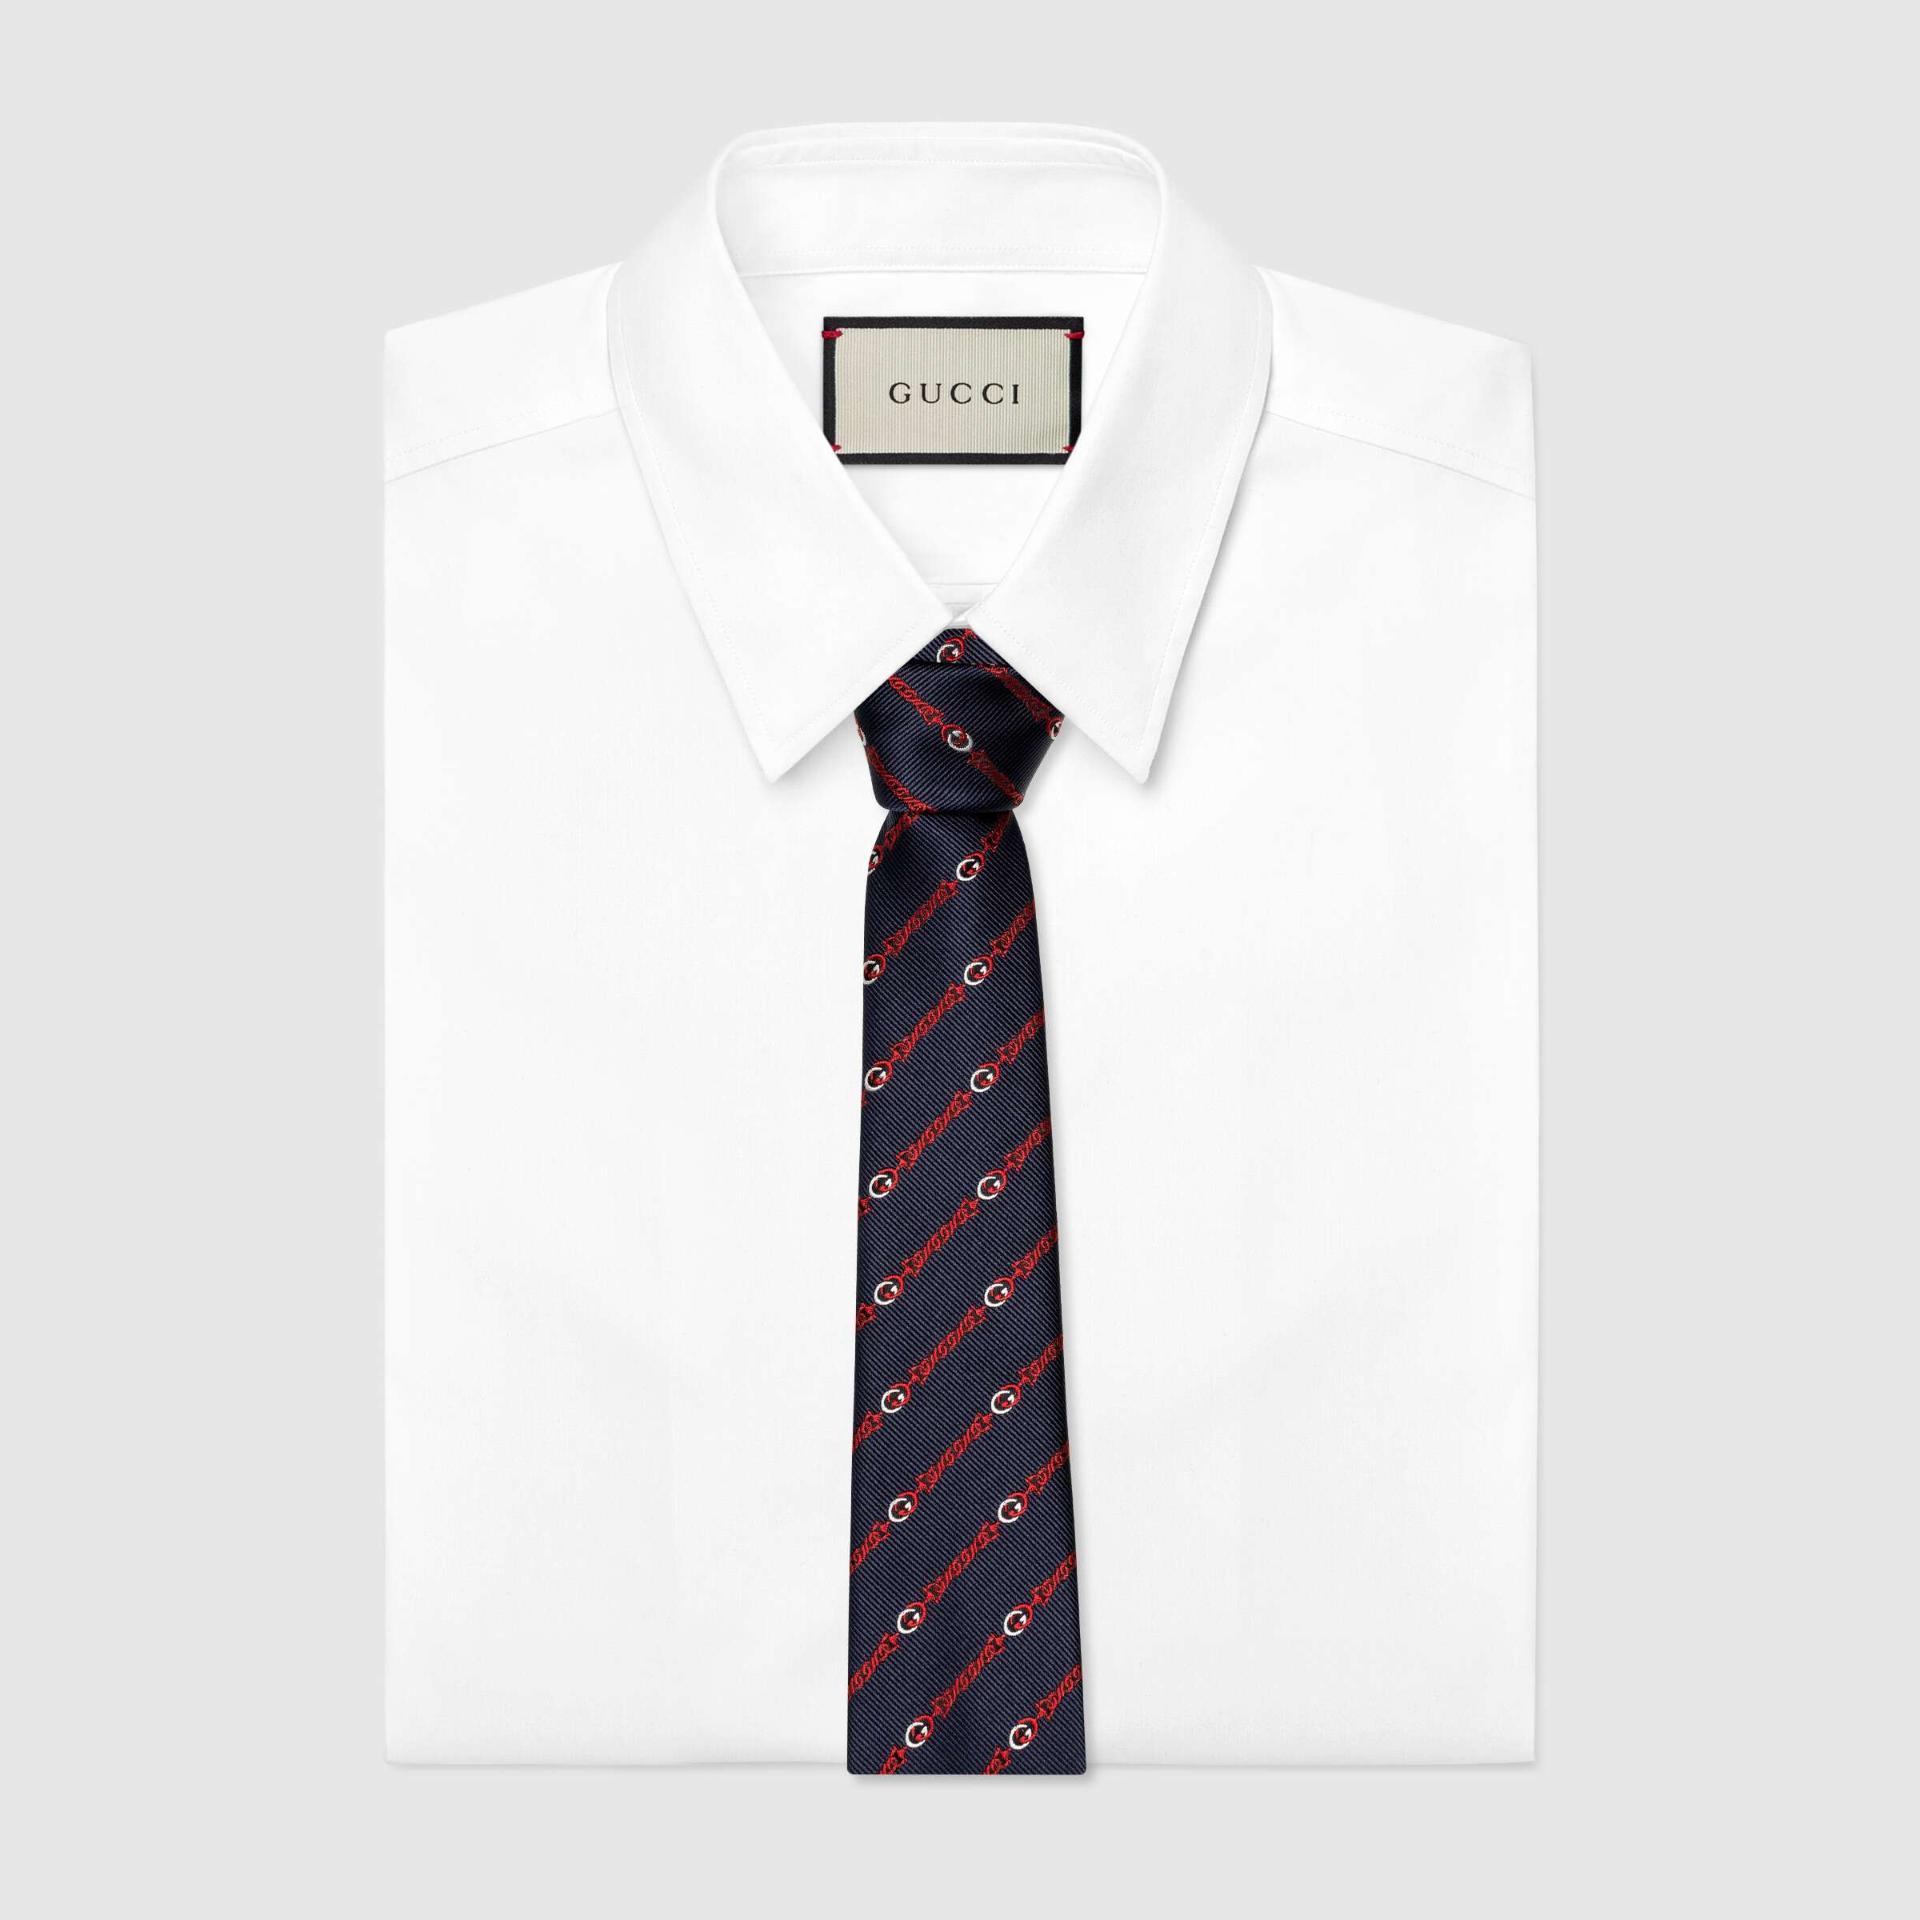 유럽직배송 구찌 GUCCI Gucci Interlocking G silk tie 6600454E0024174